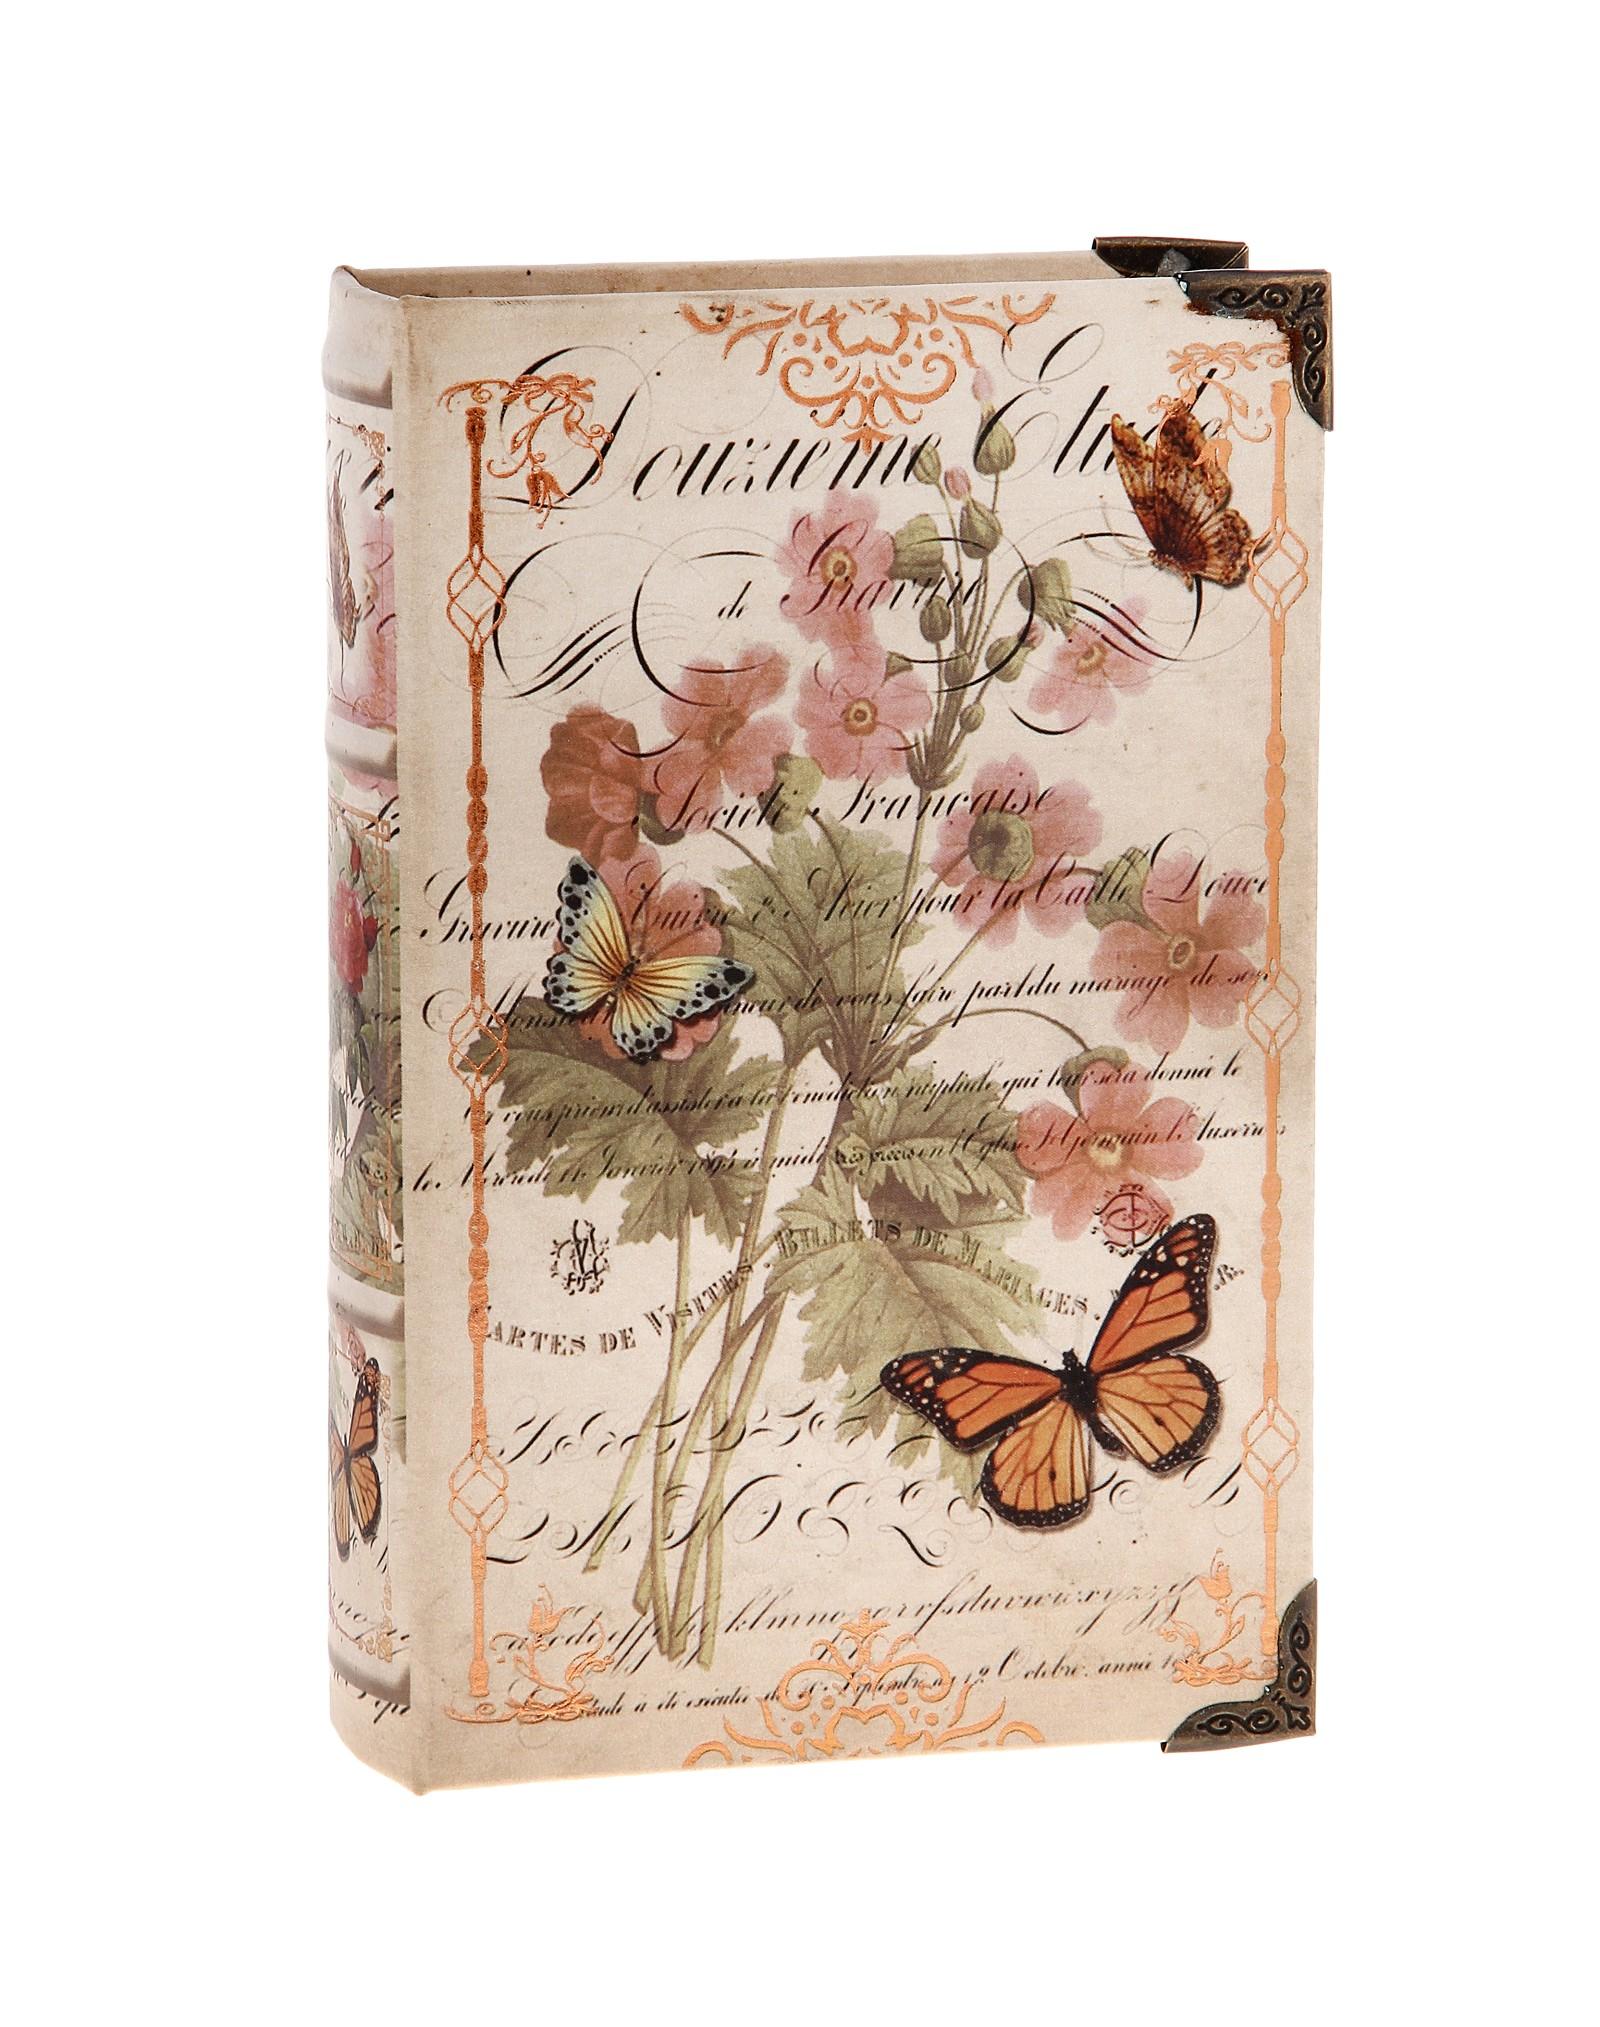 Шкатулка-книга Полевые цветы680713Оригинальное оформление шкатулки, несомненно, привлечет внимание. Шкатулка изготовлена в виде книги из дерева, поверхность которой выполнена из шёлка и оформлена изображением прекрасной цветочной композиции в нежных тонах. Такая шкатулка может использоваться для хранения бижутерии, в качестве украшения интерьера, а также послужит хорошим подарком для человека, ценящего практичные и оригинальные вещицы. Характеристики: Материал: дерево, шёлк, металл. Цвет: коричневый. Размер шкатулки (в закрытом виде): 24 см х 16 см х 5 см. Размер упаковки: 24,5 см х 16 см х 5 см. Артикул: 680713.